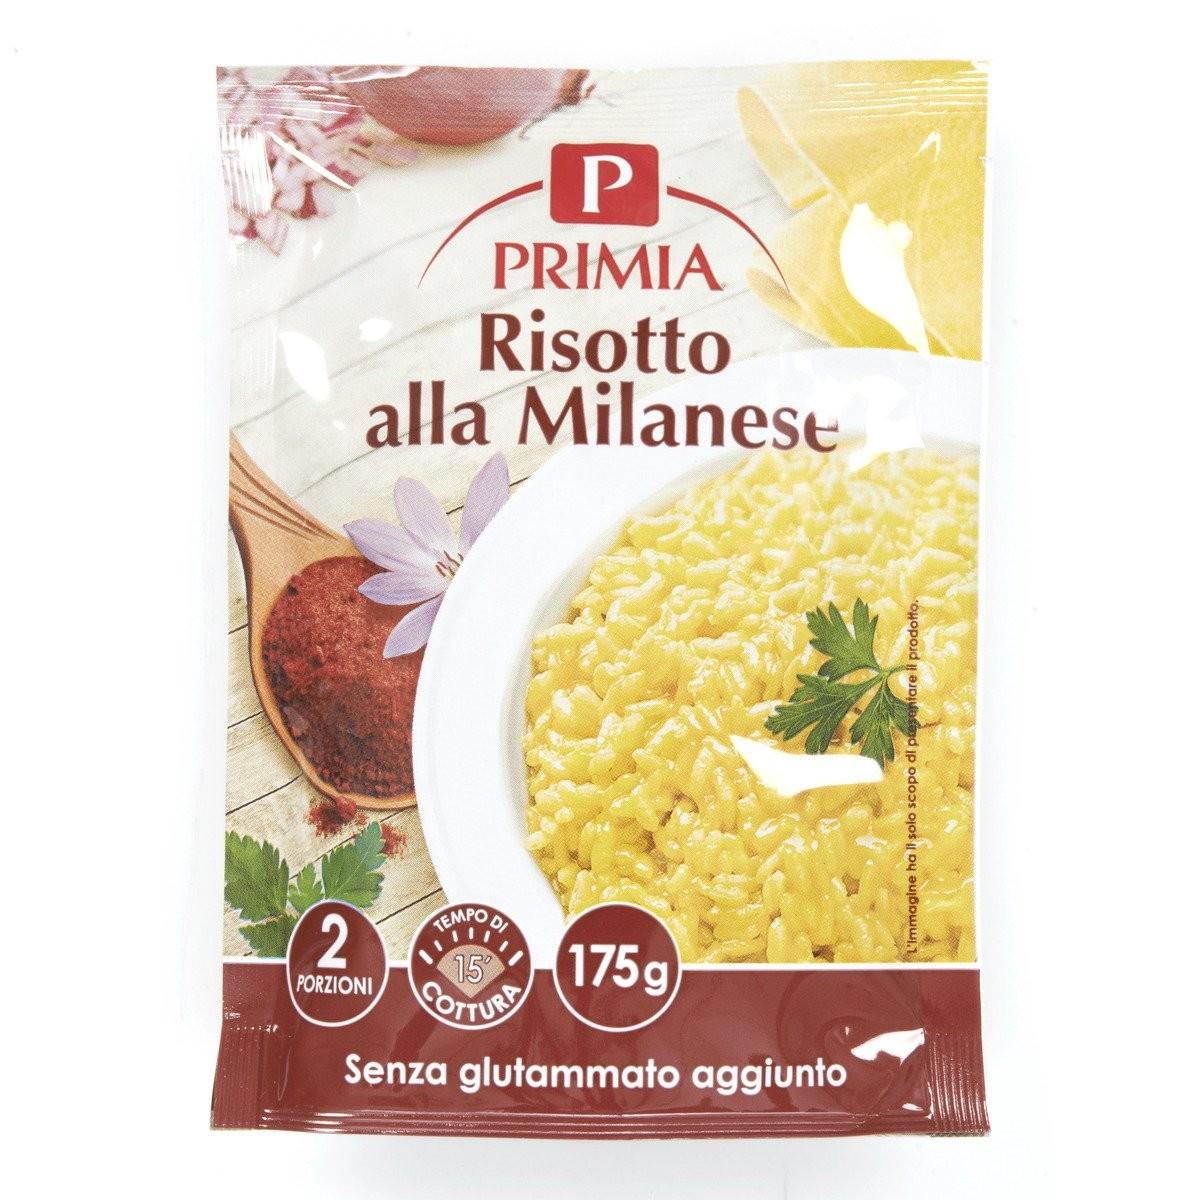 Primia Risotto alla Milanese